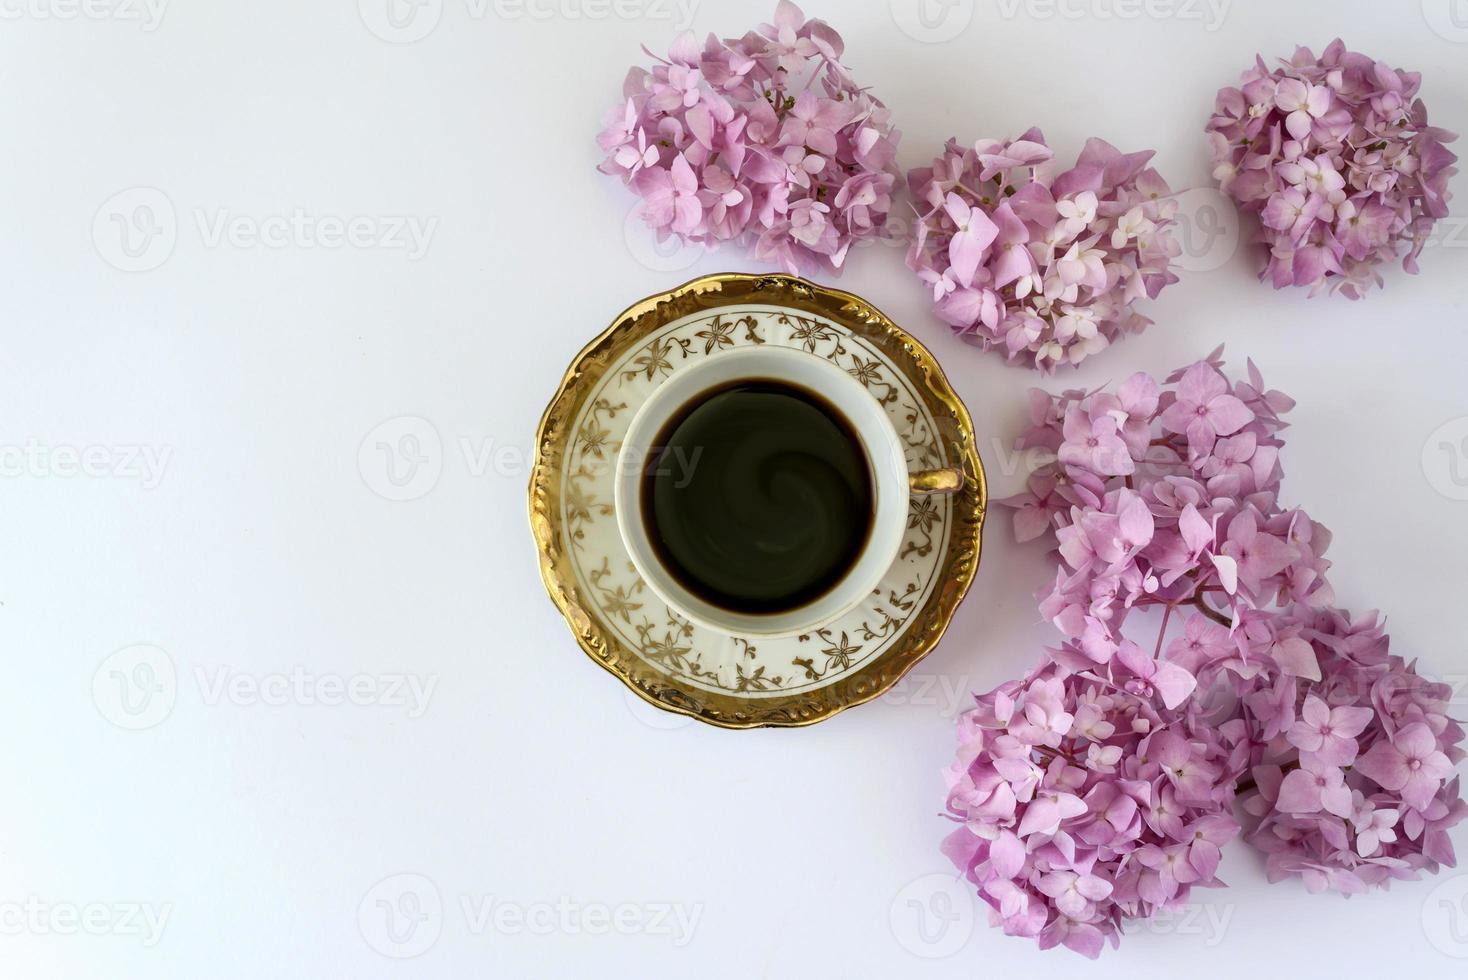 Tasse Kaffee, auf weißem Hintergrund mit Blumen, foto